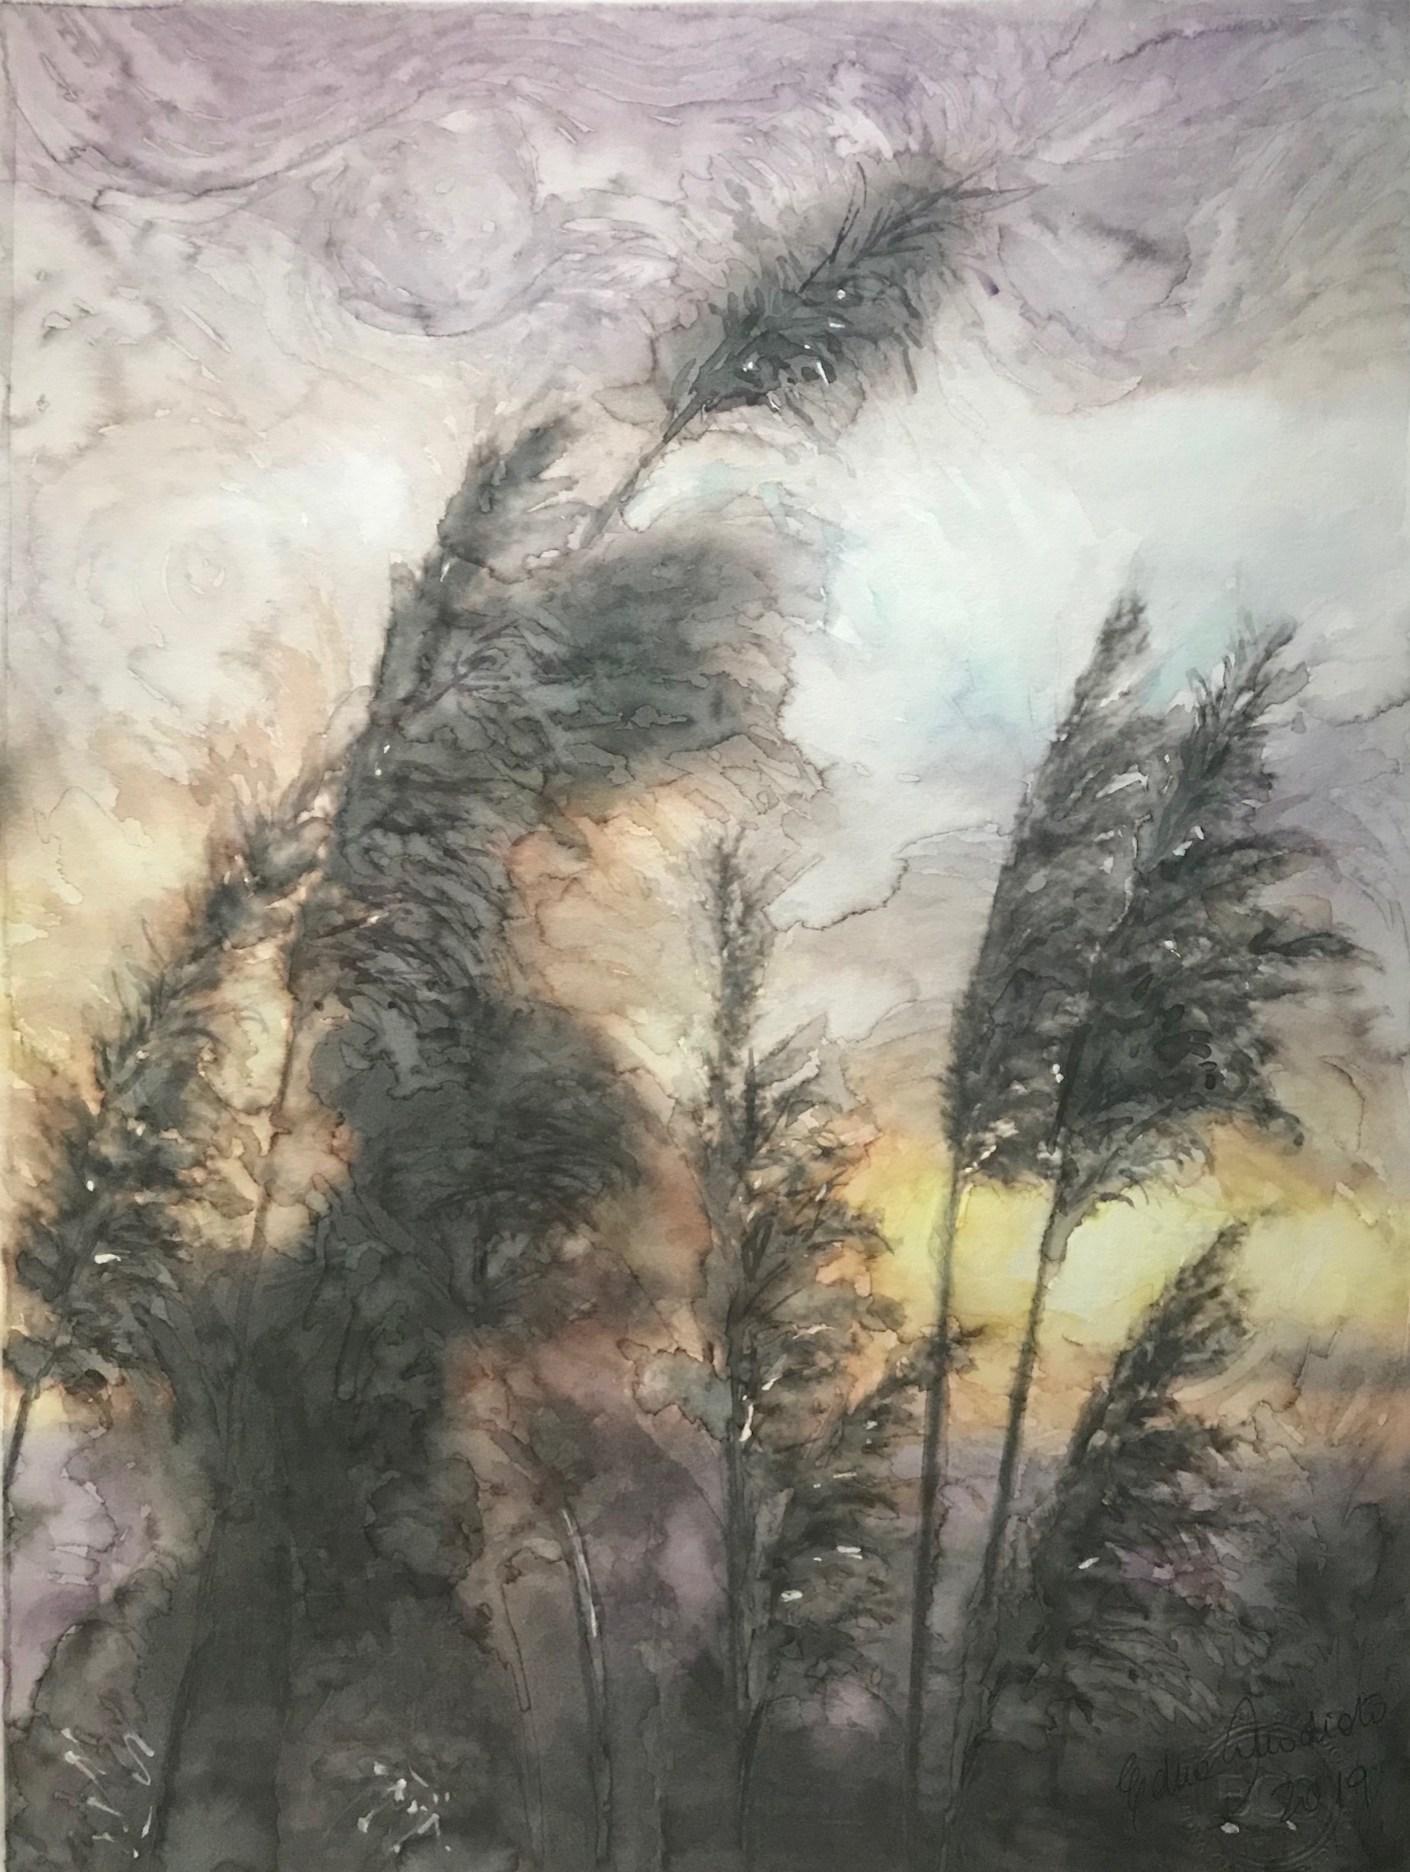 pampasgrass sunsire_aquarela em papel 26X37_Edna Carla Stradioto_2019